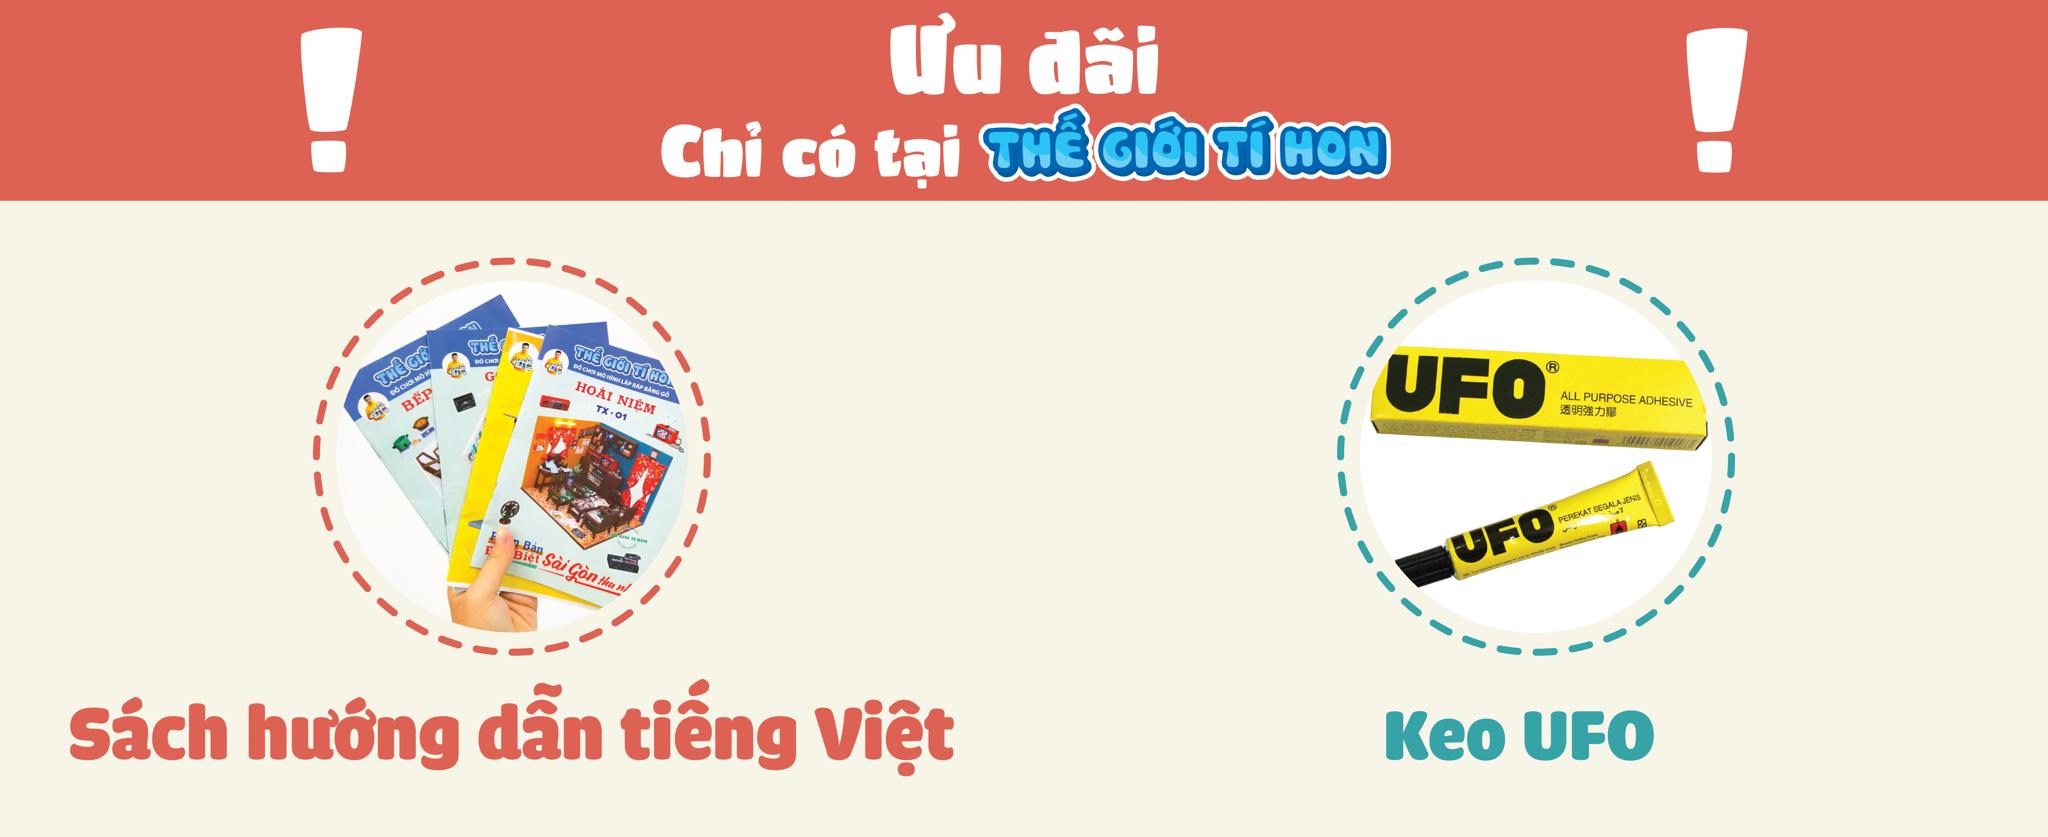 Quà Tặng Handmade Độc Đáo Cho Bé Trai - Giấc Mơ Thủy Thủ - Mã SP VA03